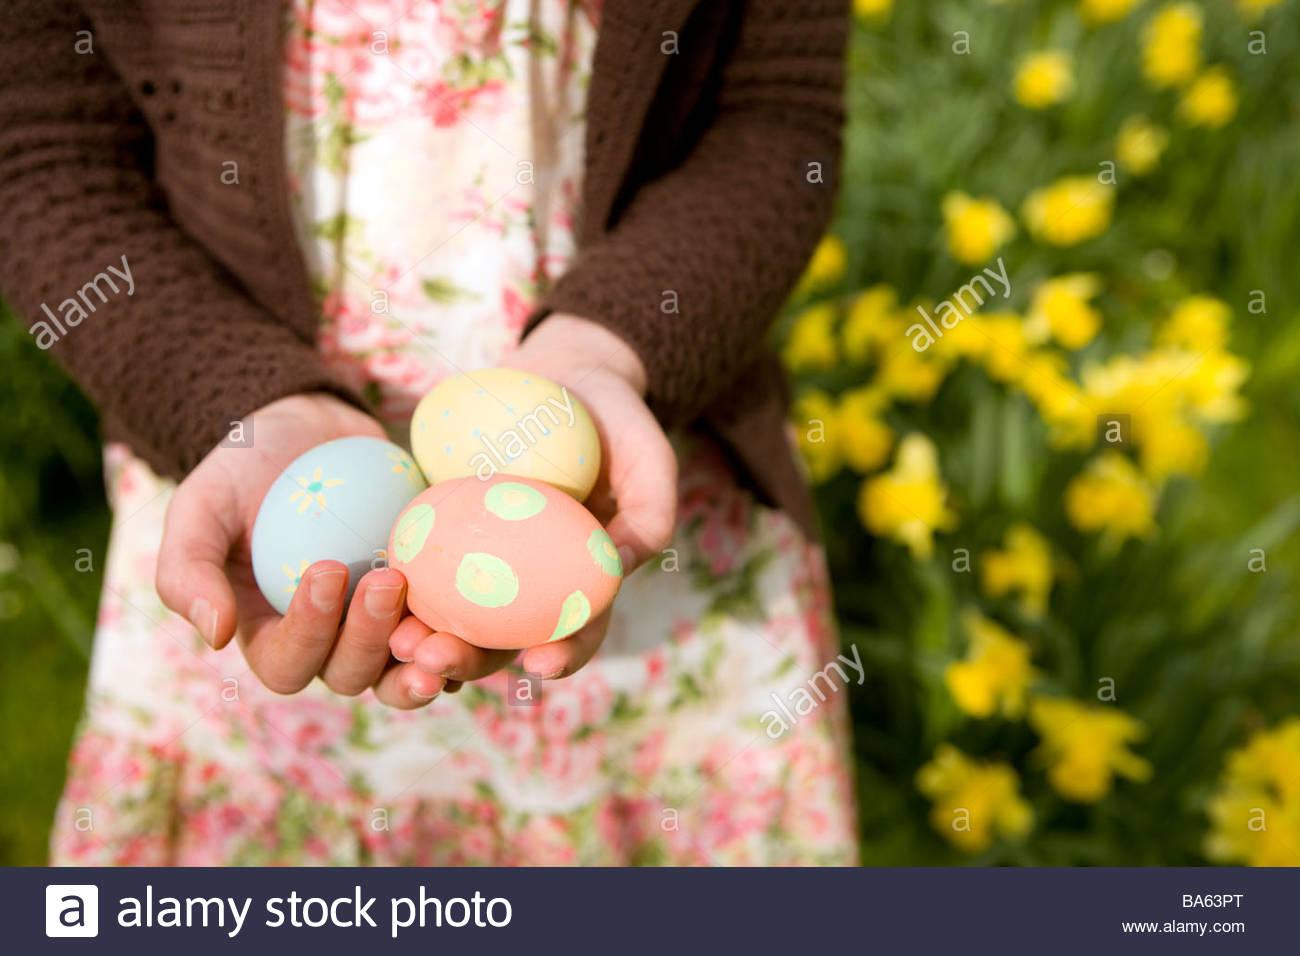 Young Girl holding oeufs de Pâques décorés Photo Stock